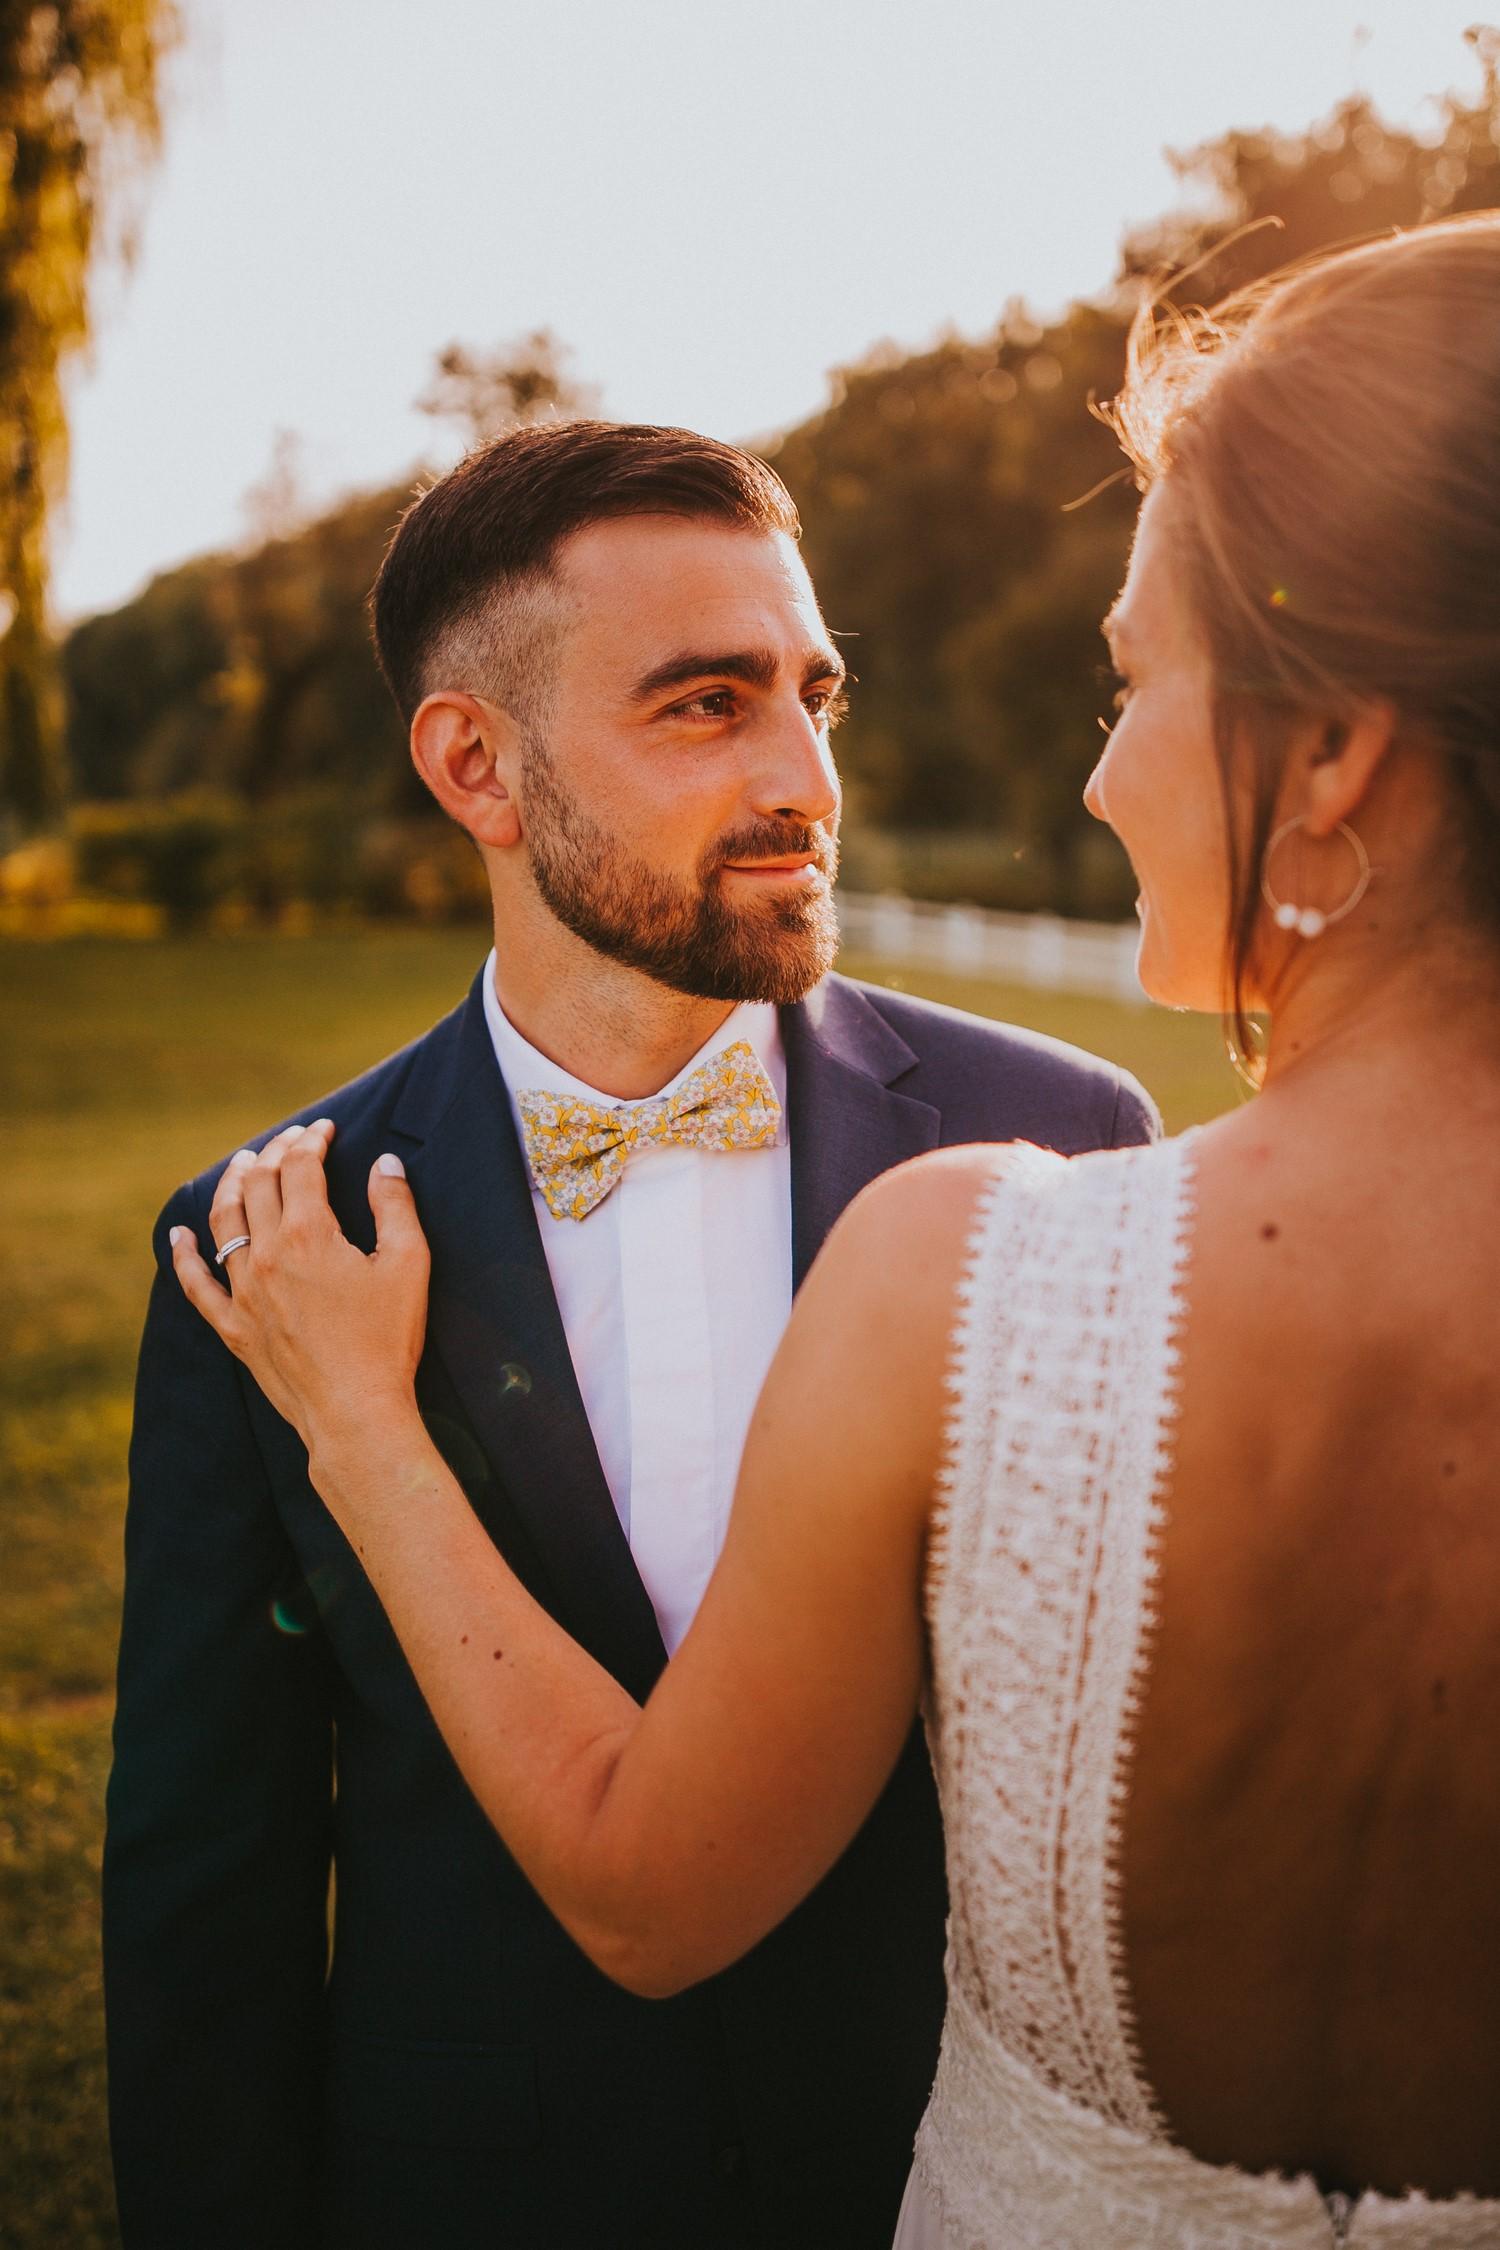 photographe mariage nord pas de calais 8